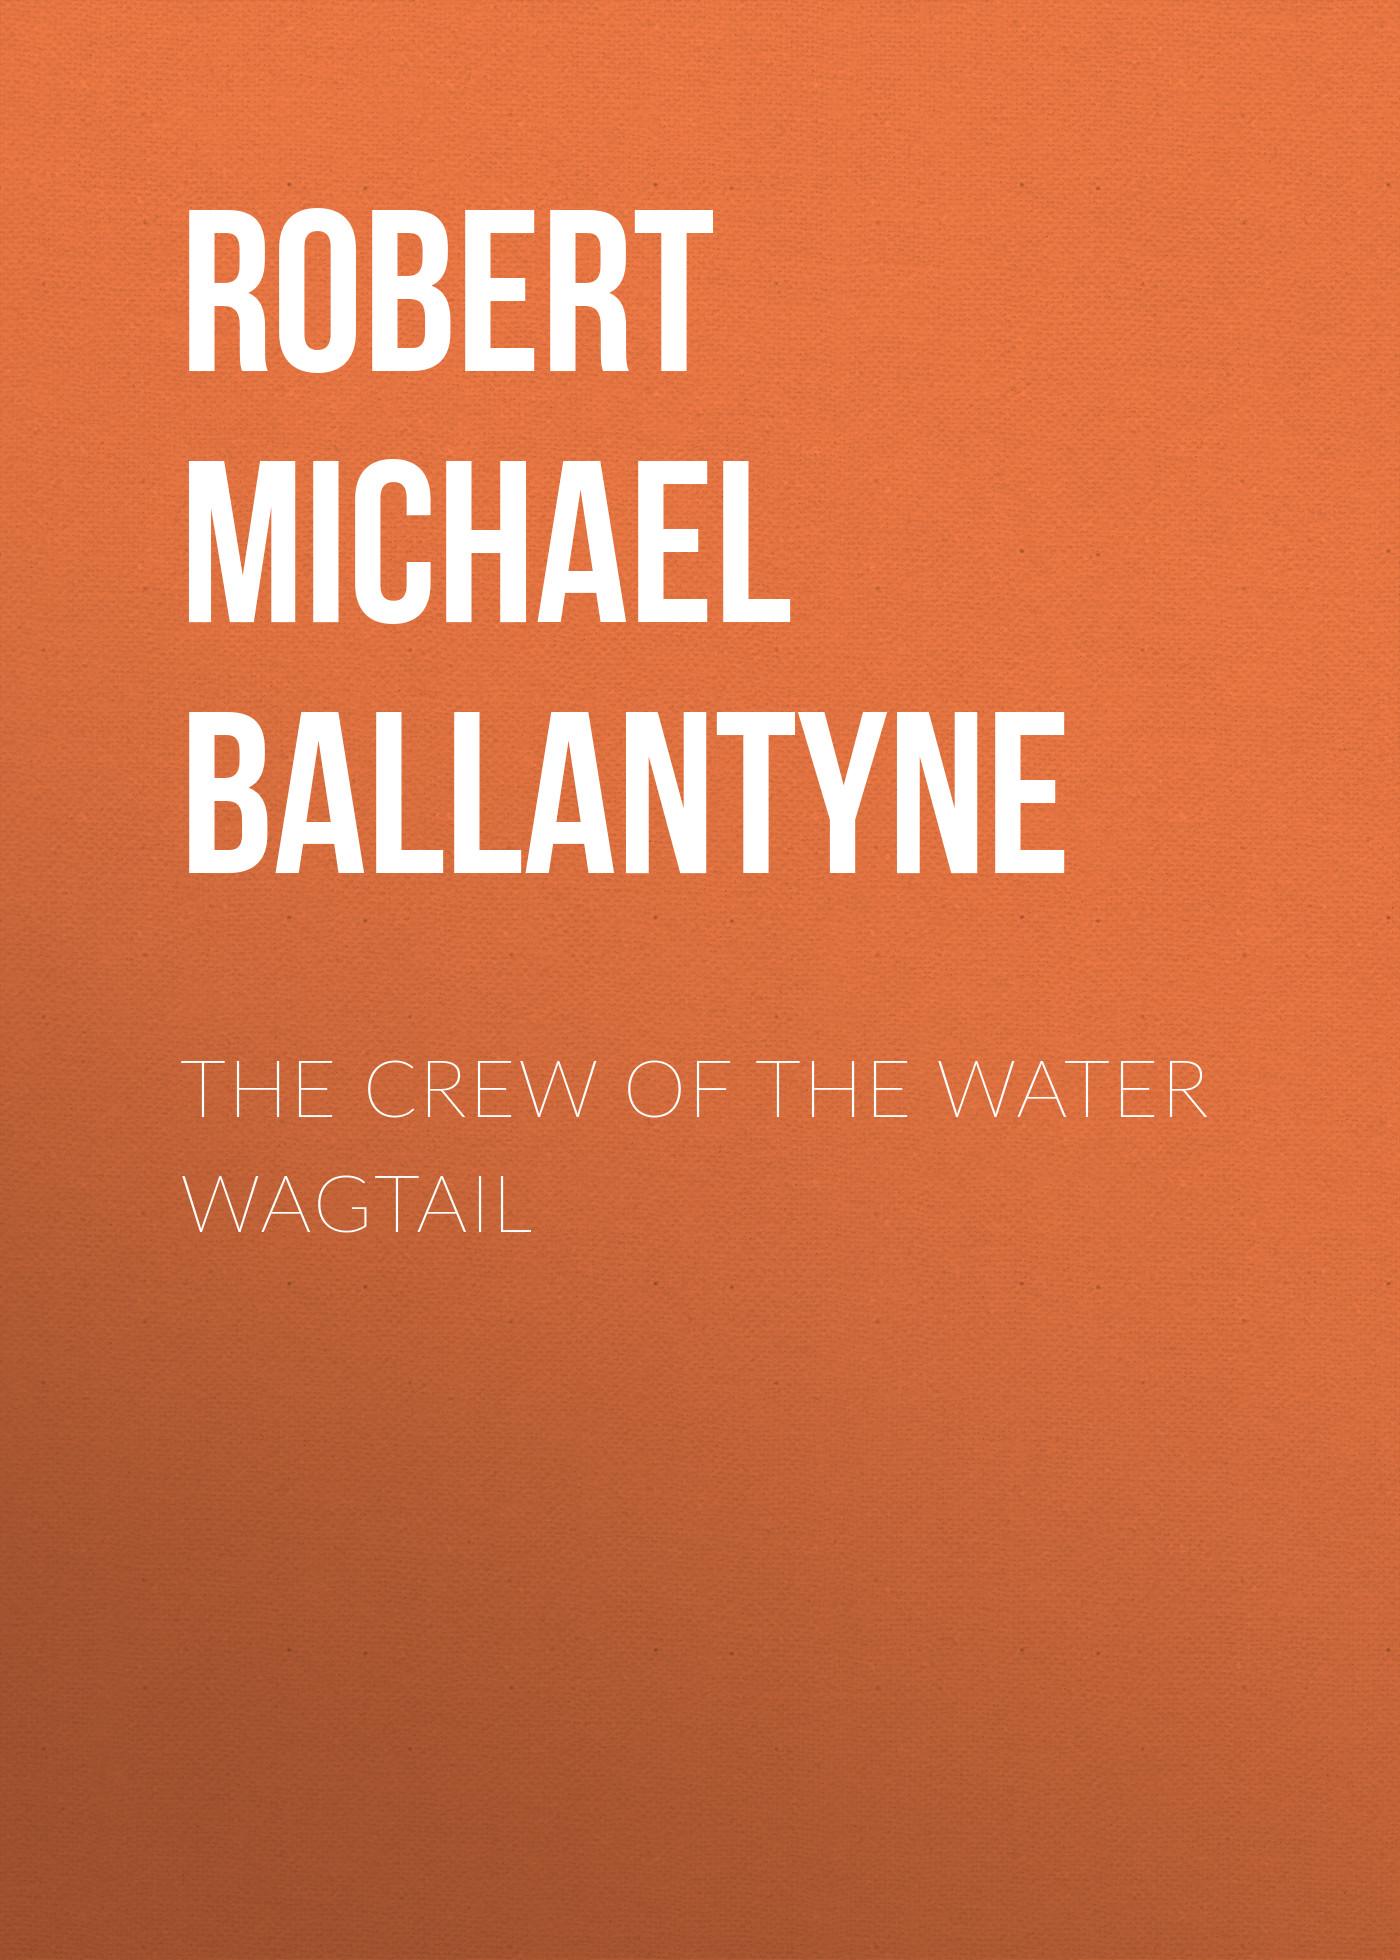 купить Robert Michael Ballantyne The Crew of the Water Wagtail онлайн